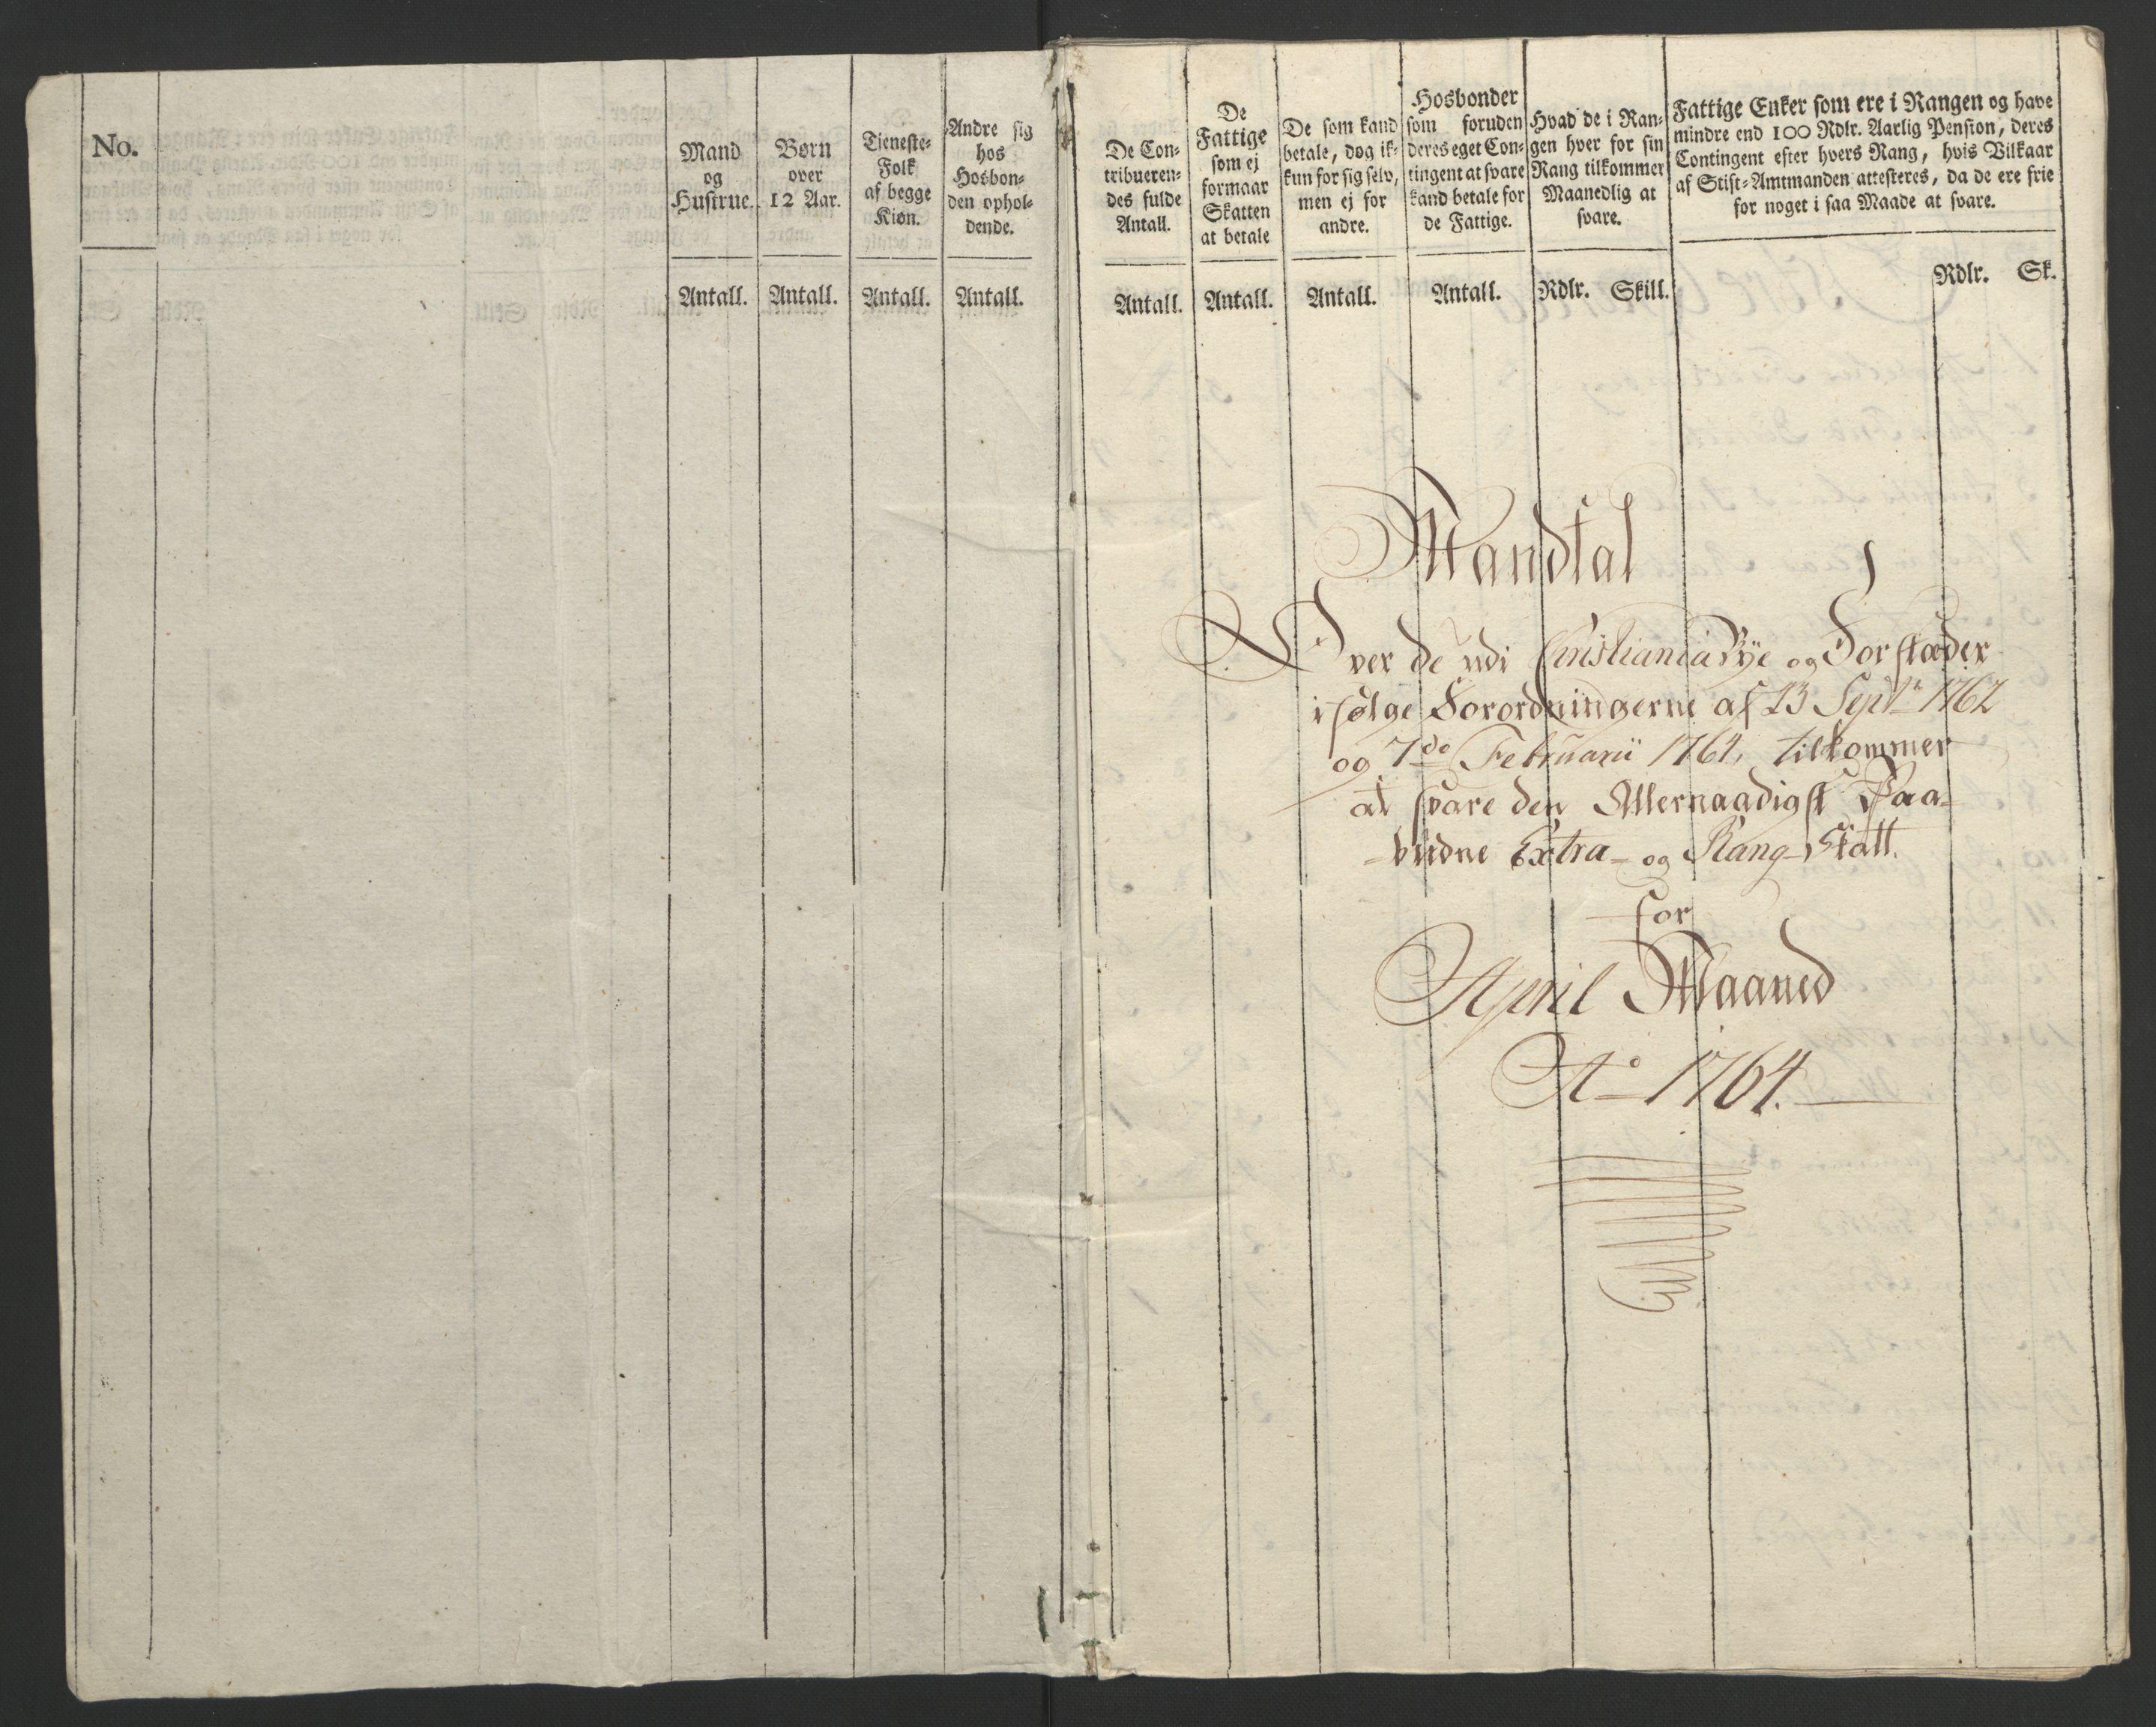 RA, Rentekammeret inntil 1814, Reviderte regnskaper, Byregnskaper, R/Re/L0072: [E13] Kontribusjonsregnskap, 1763-1764, s. 307